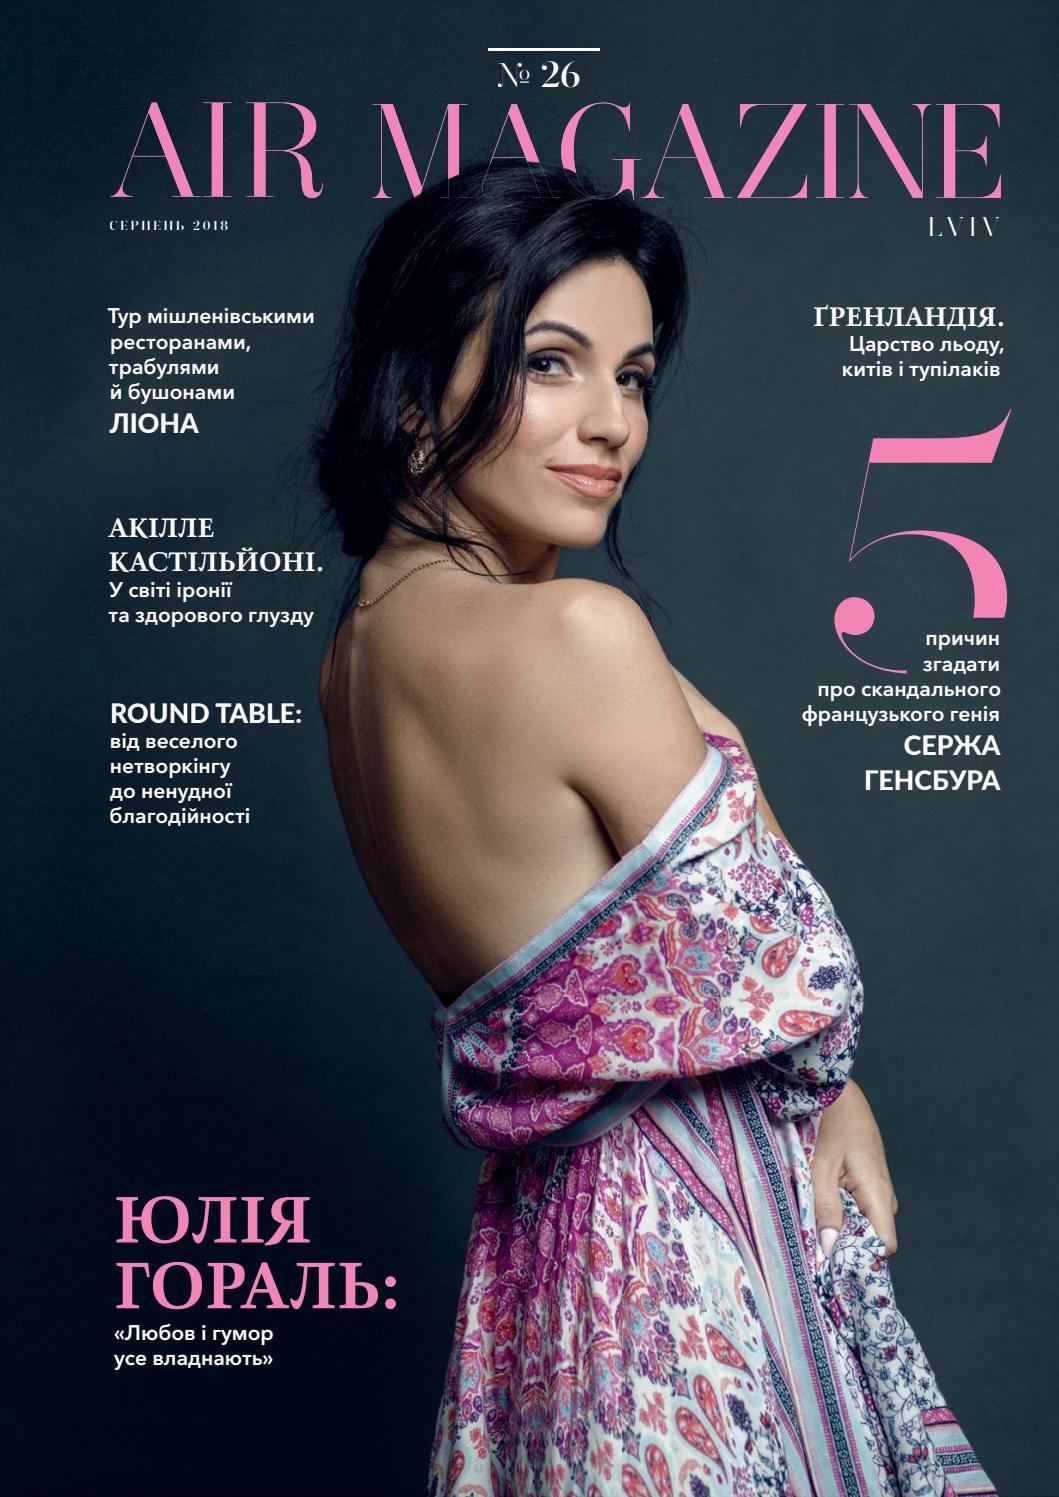 Air magazine Lviv  26 by AIR MAGAZINE LVIV - issuu 8208bb0dea735